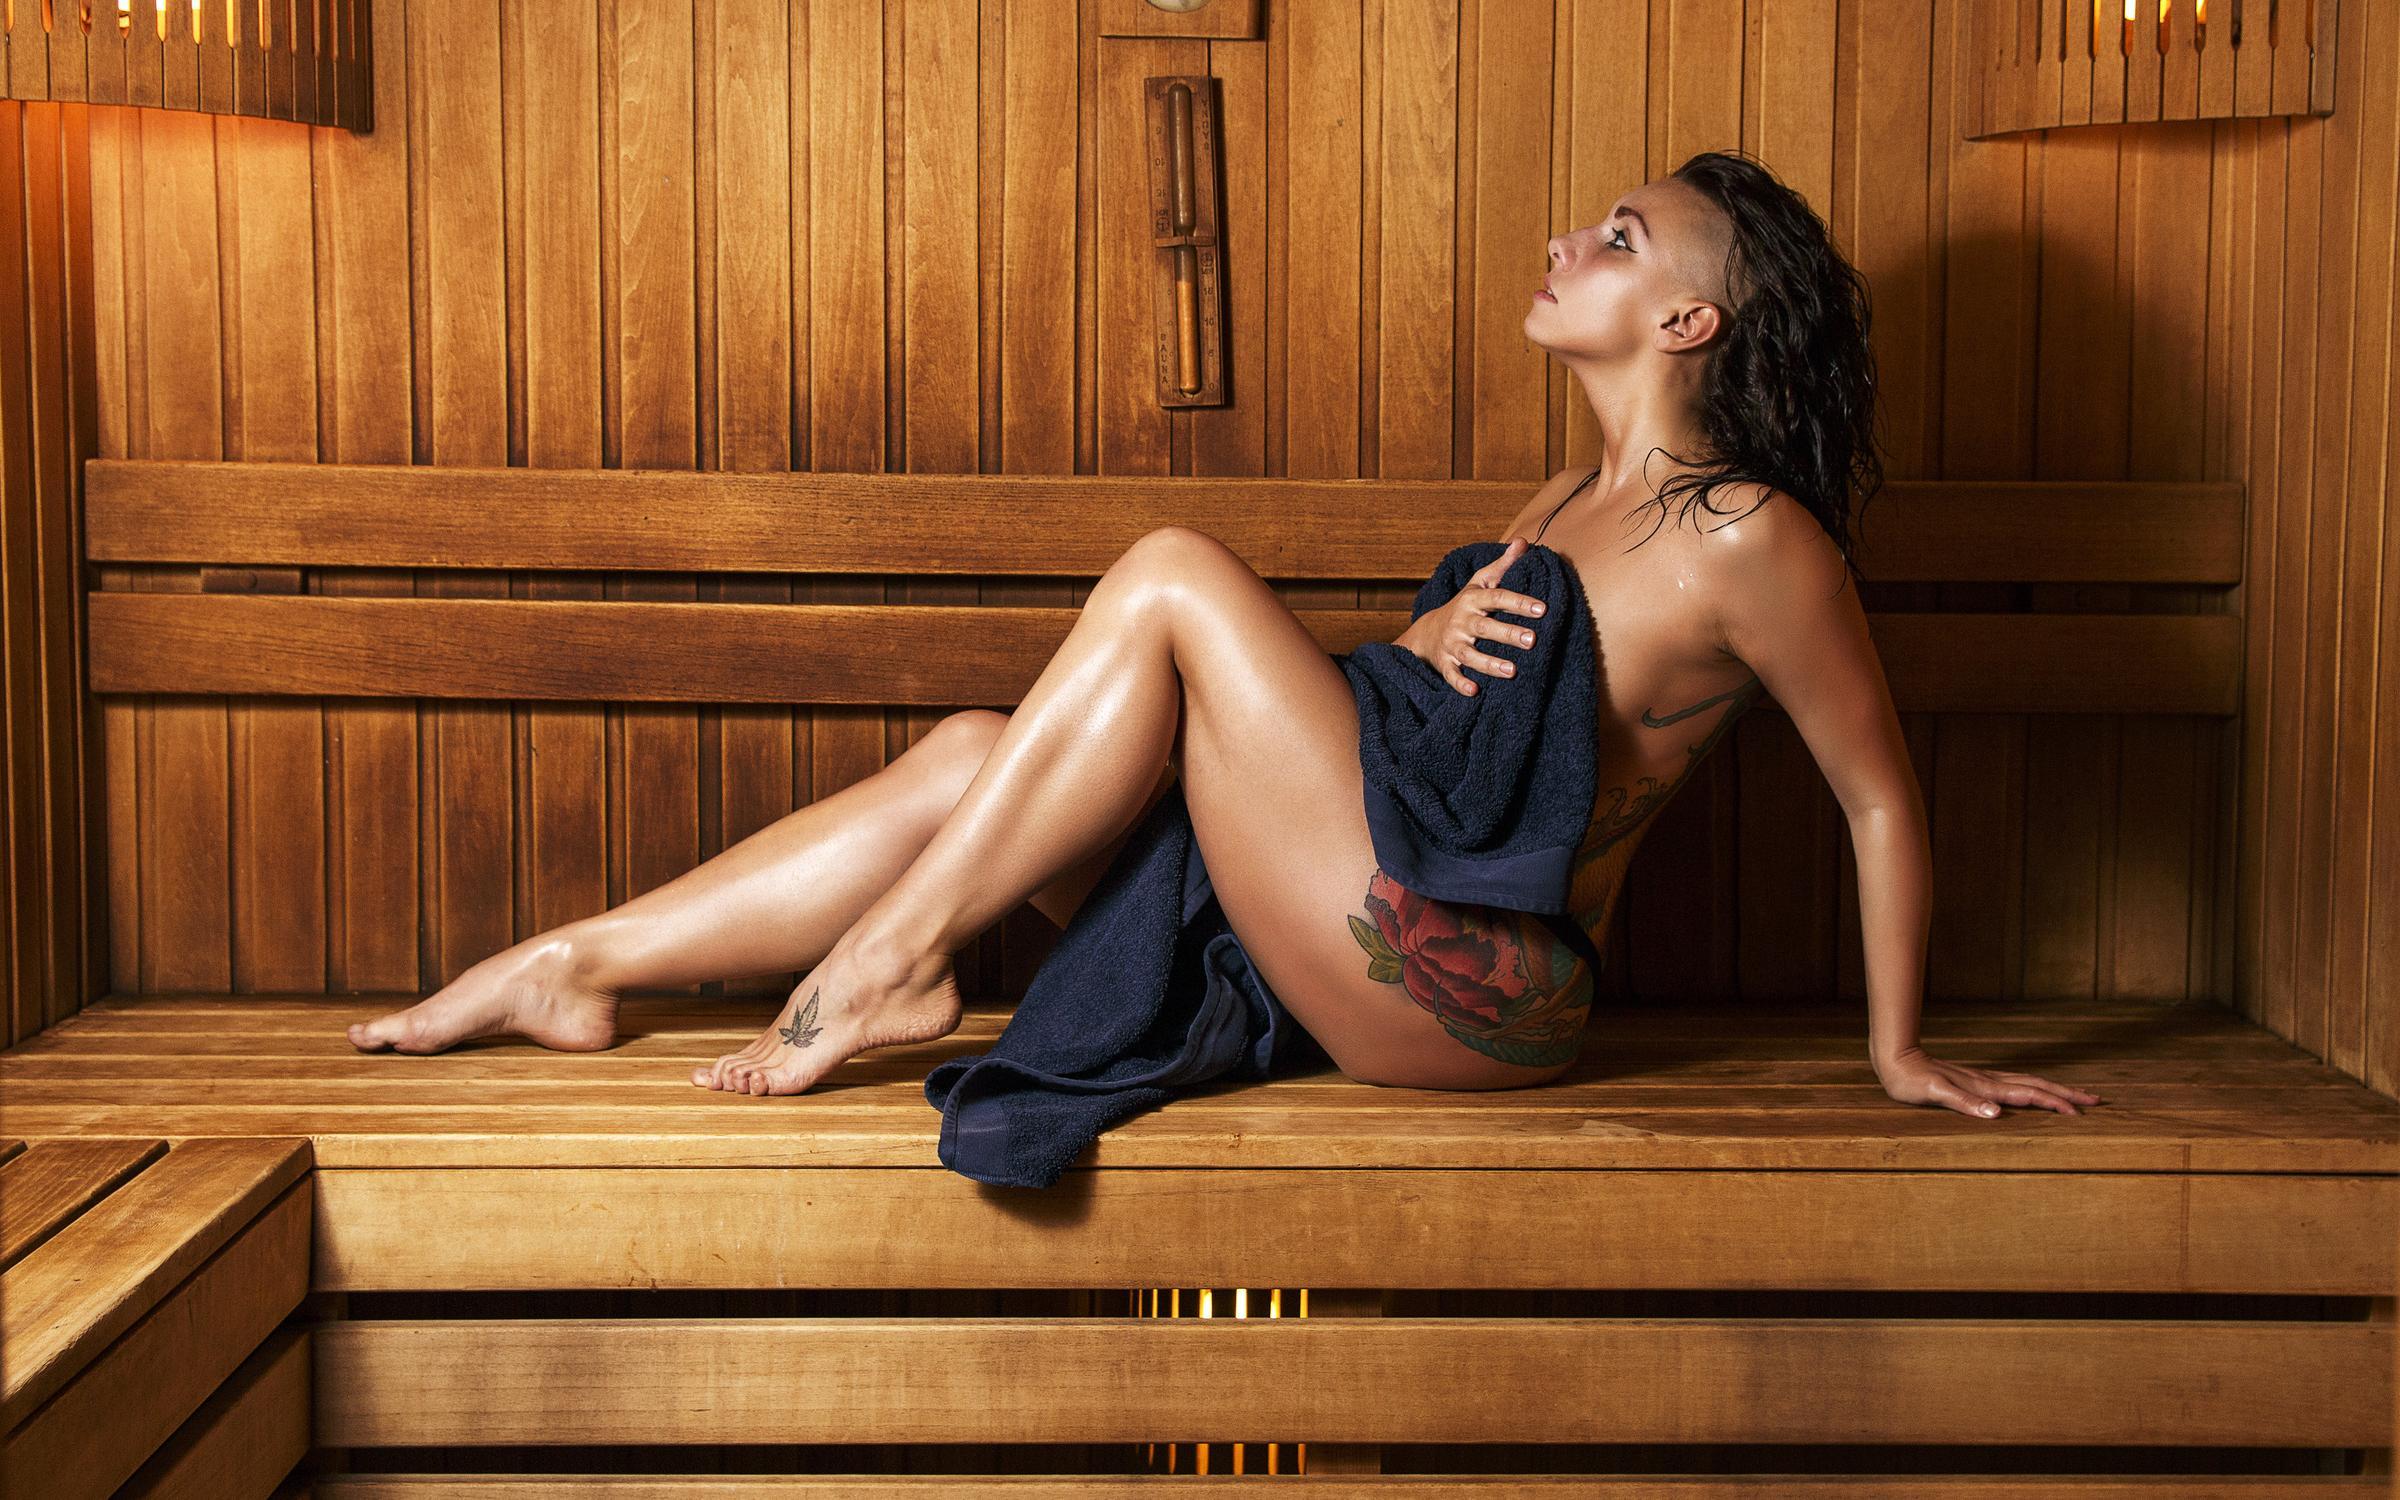 Фото телки в бани